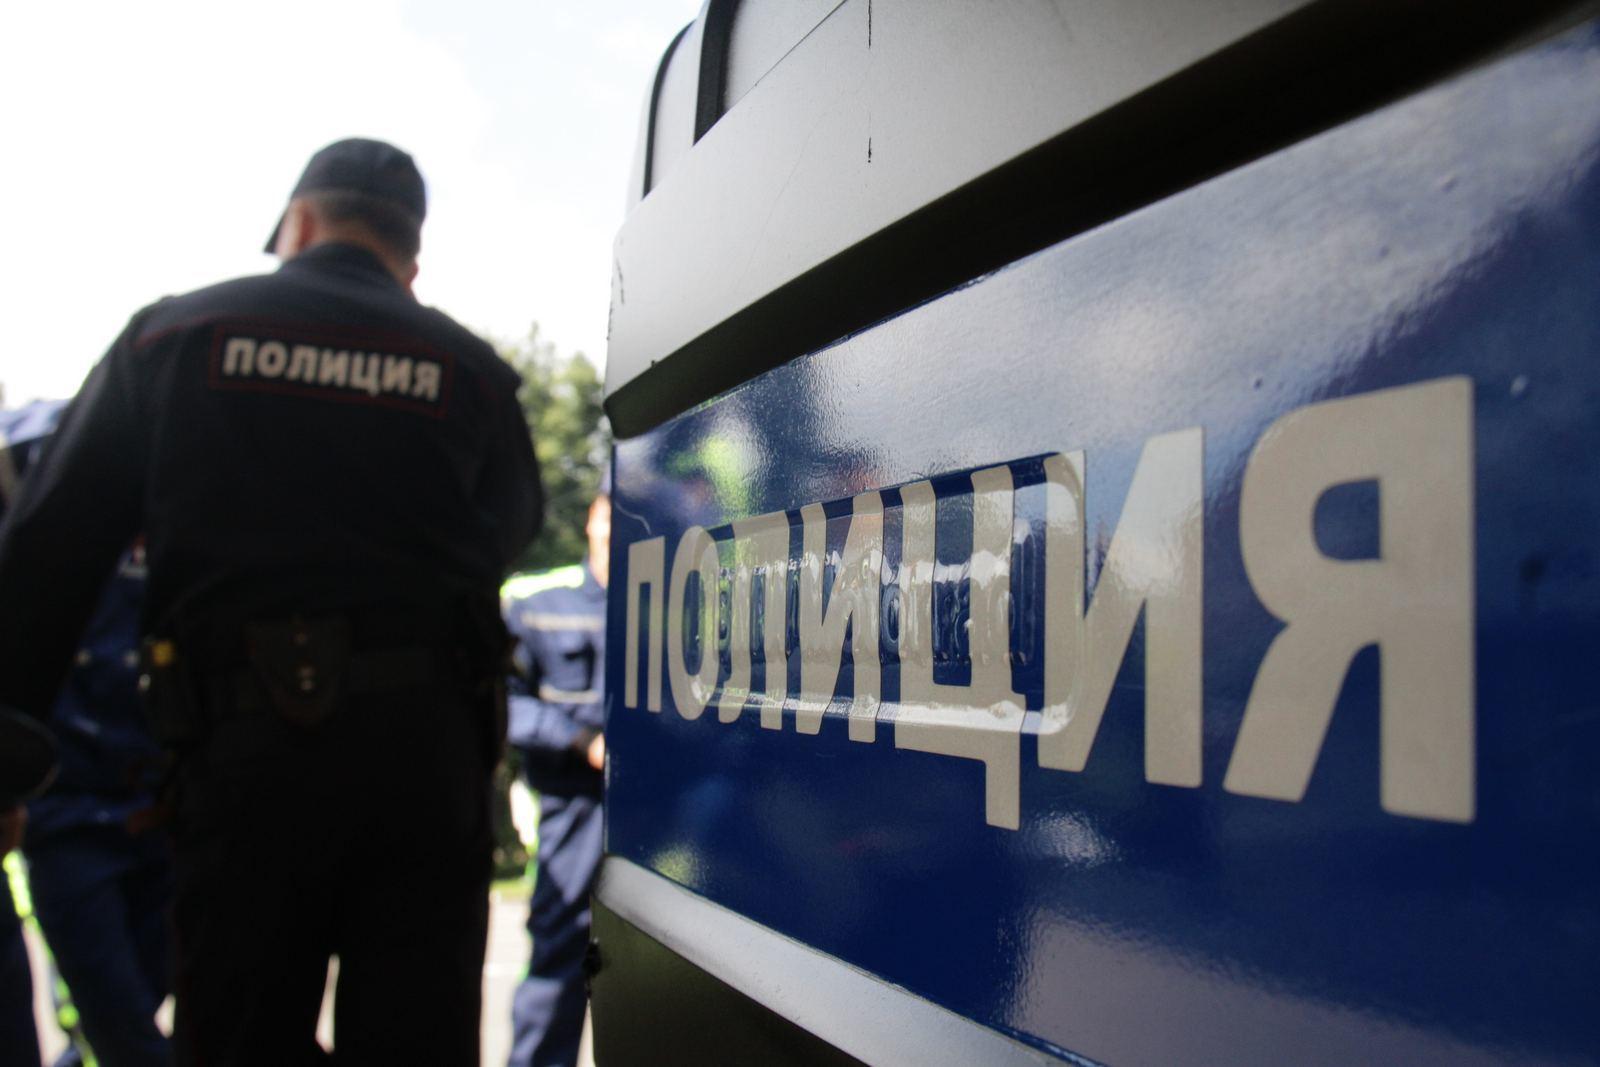 Жителя Москвы ударили молотком и отобрали у него рюкзак с миллионами